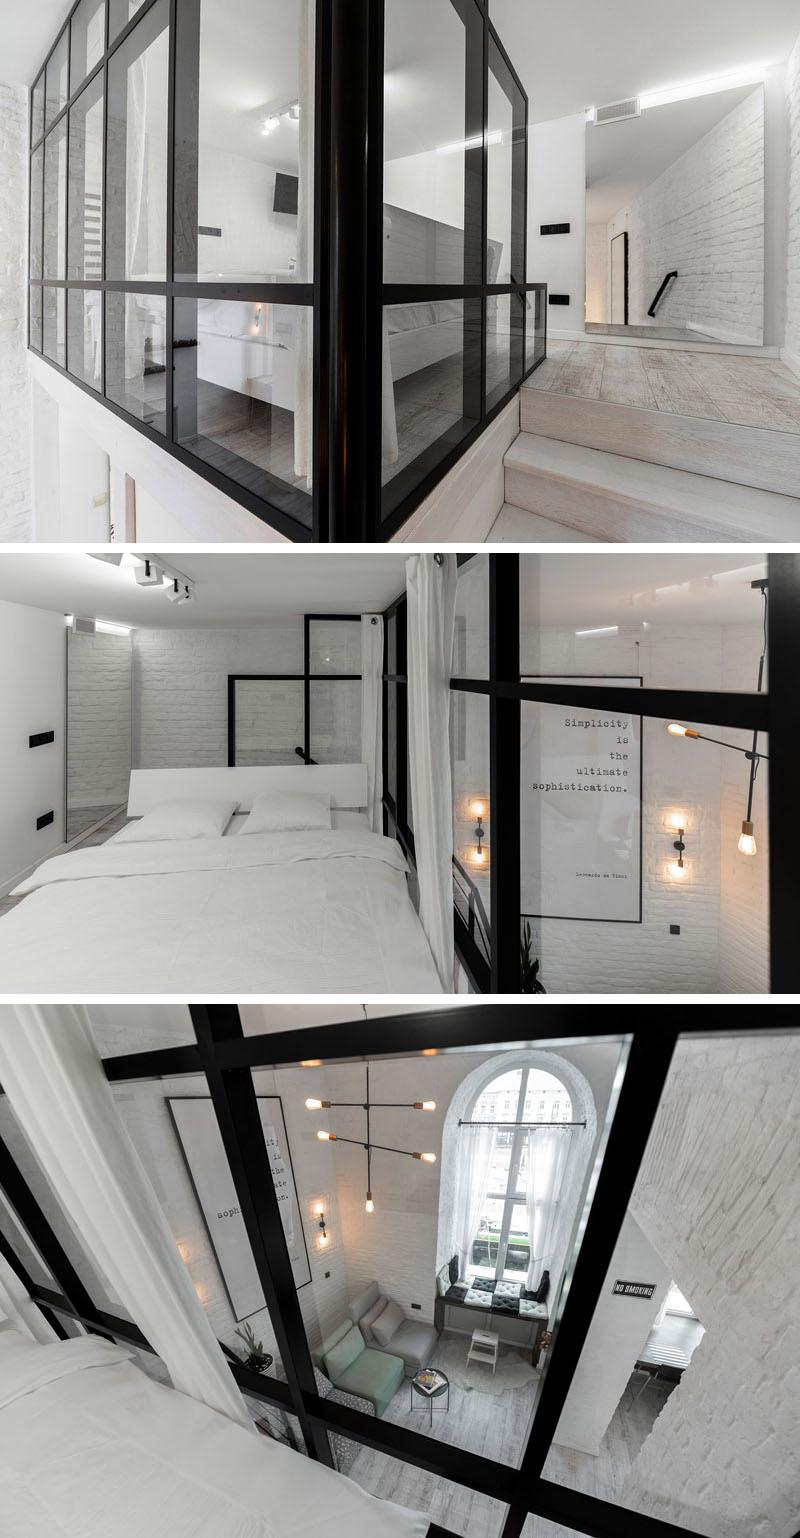 دکوراسیون سیاه و سفید آپارتمان